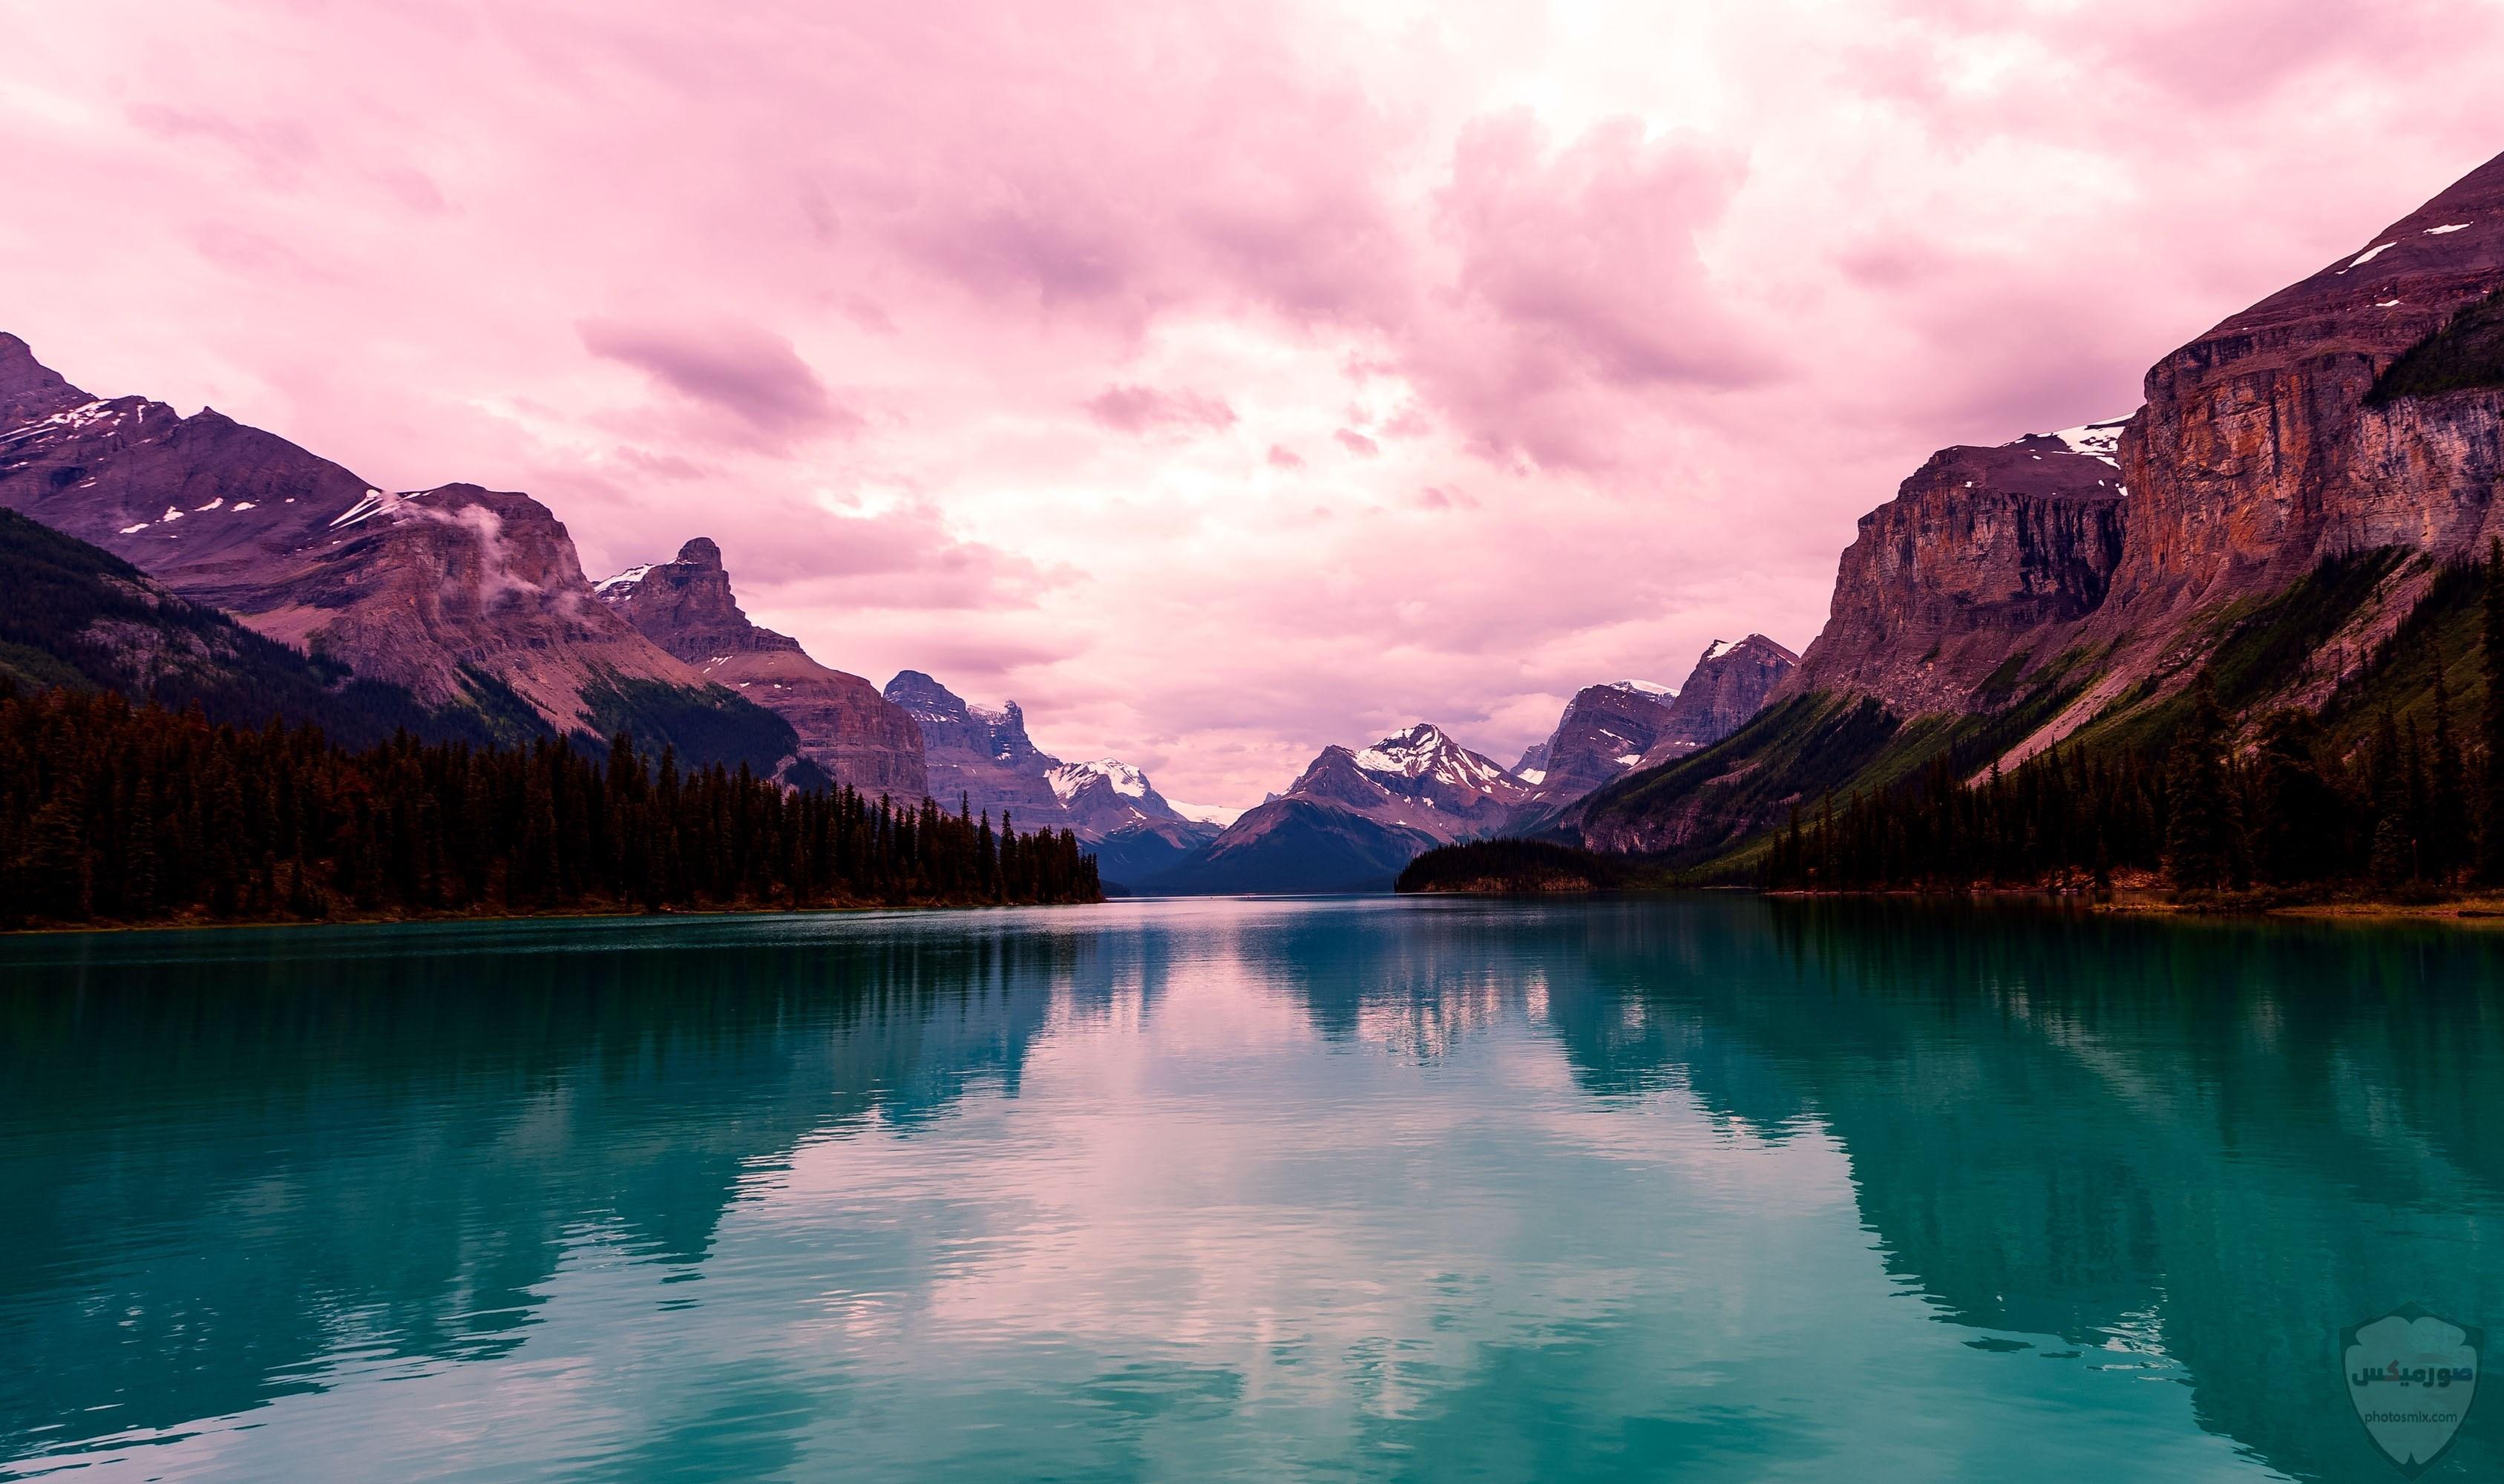 صور وخلفيات جبال وشلالات طبيعية HD خلفيات جبال خضراء وثلجية 5